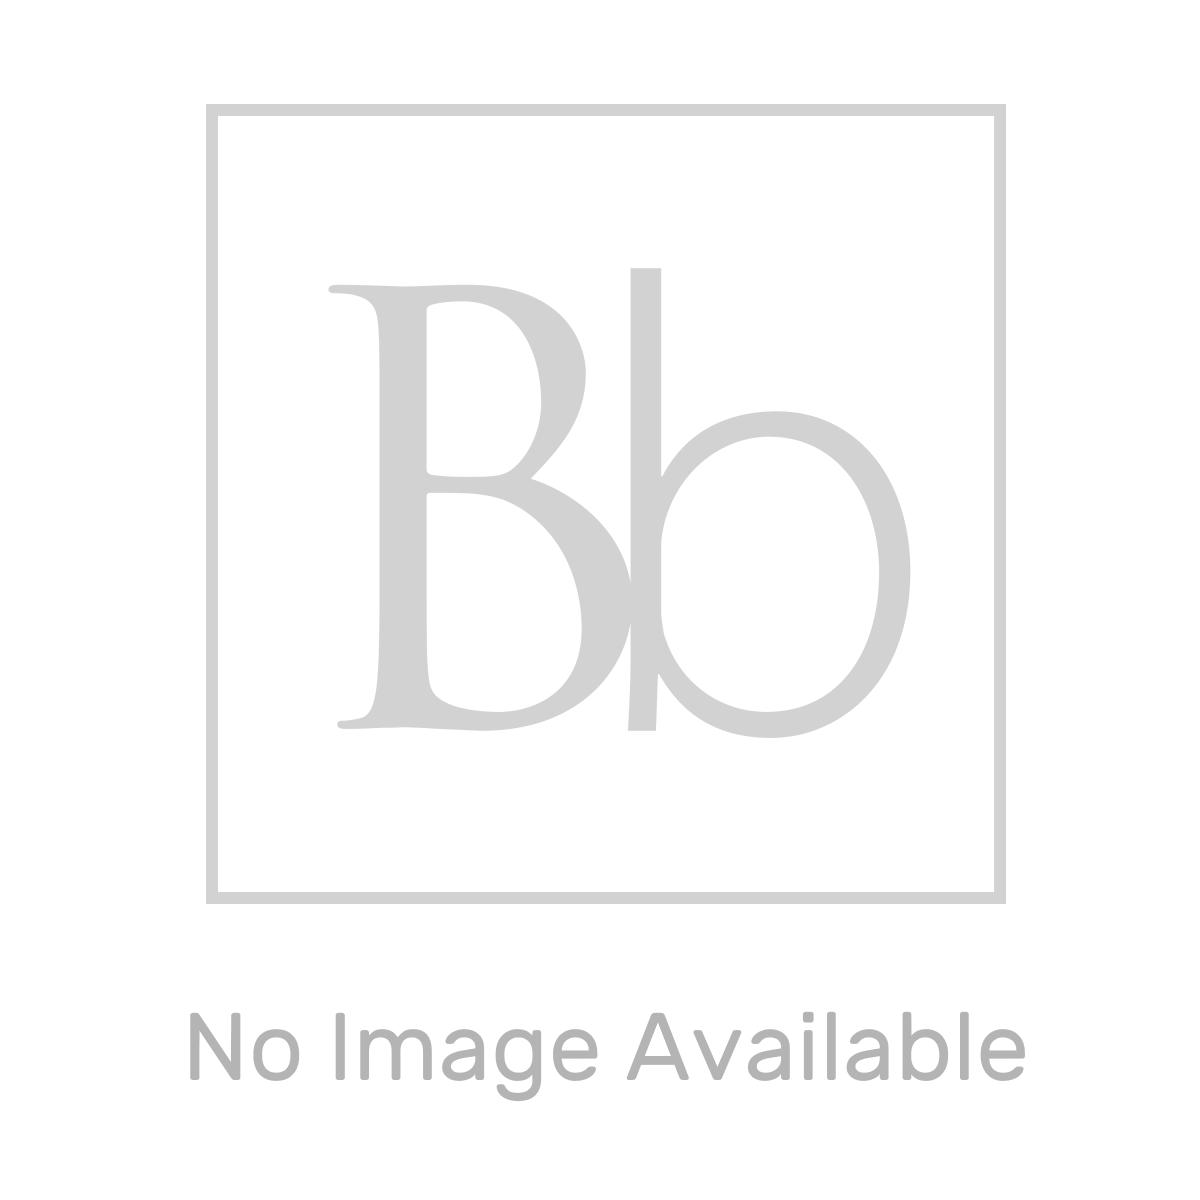 HiB Quantum Double Door Bathroom Mirrored Aluminium Cabinet